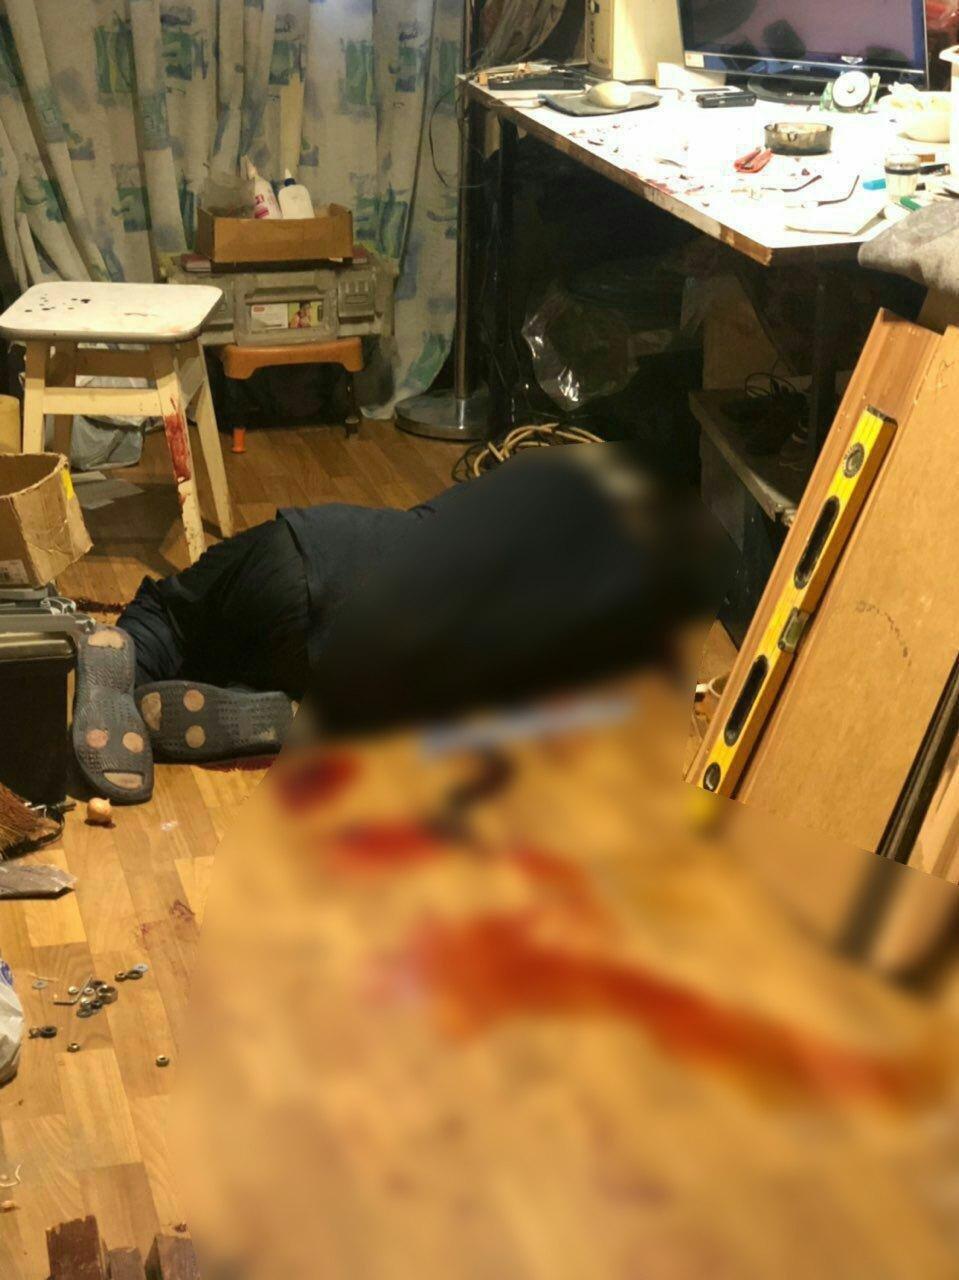 Харьковчанин закрылся в собственной квартире и перерезал себе горло, - ФОТО, фото-1